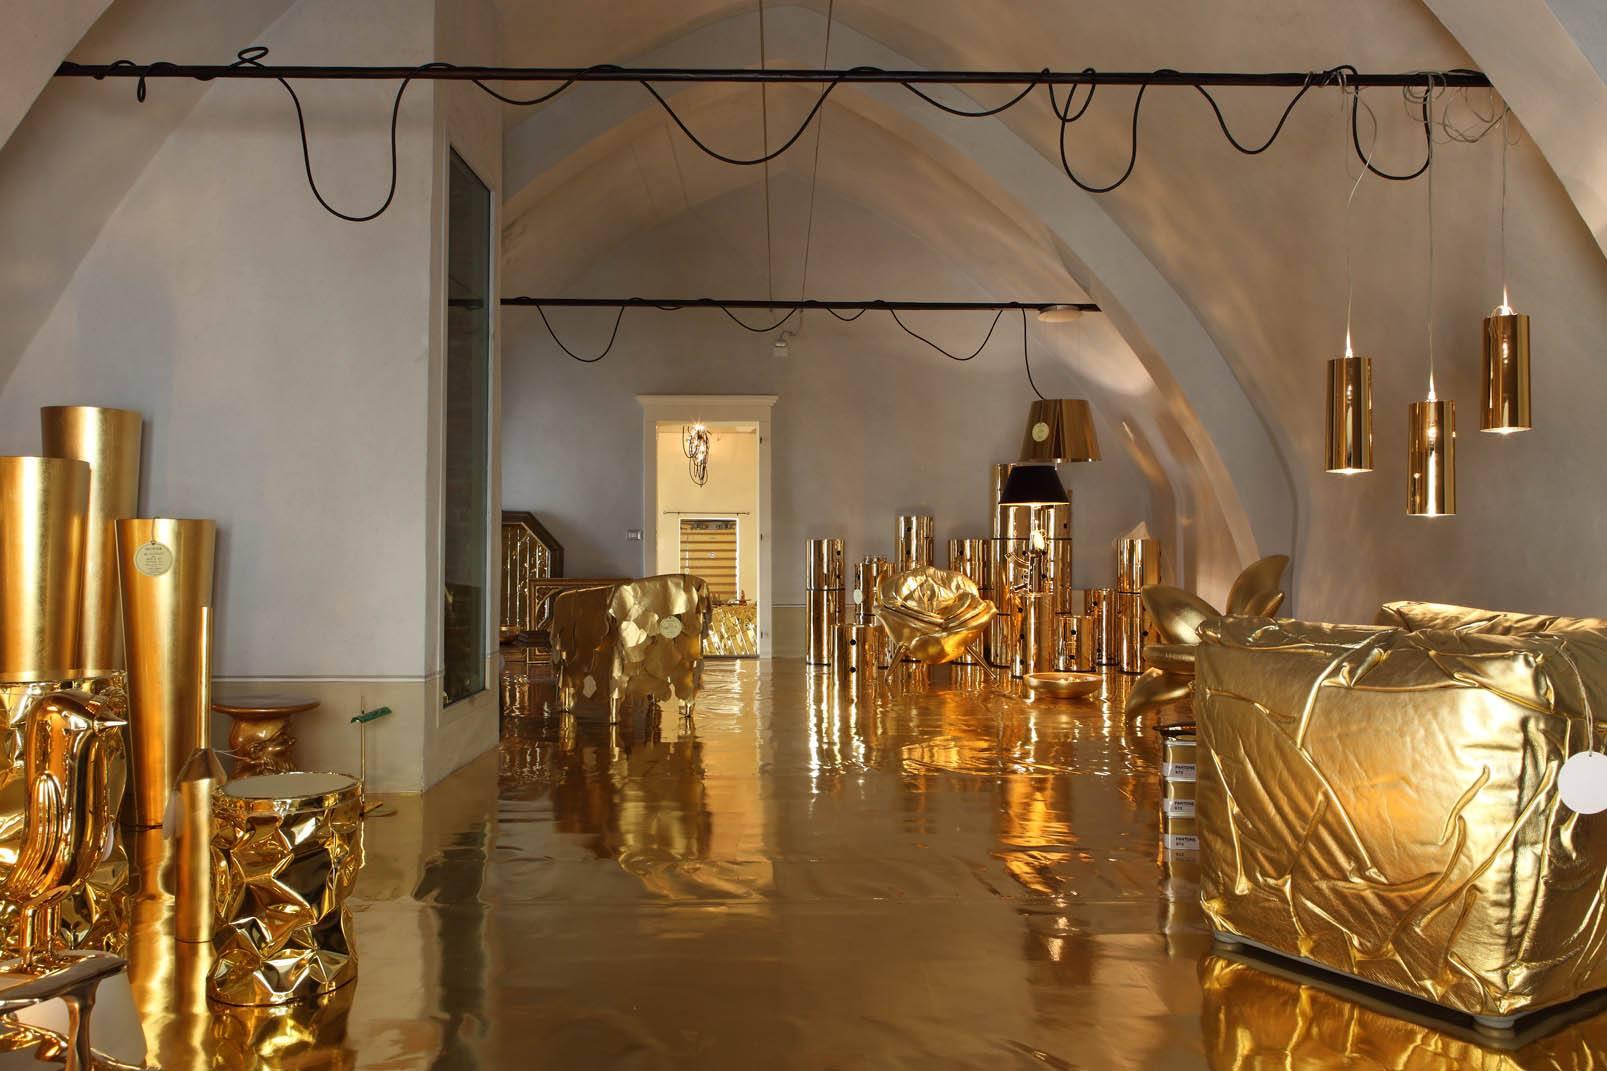 Светильники, кресла и другие элементы золотого интерьера